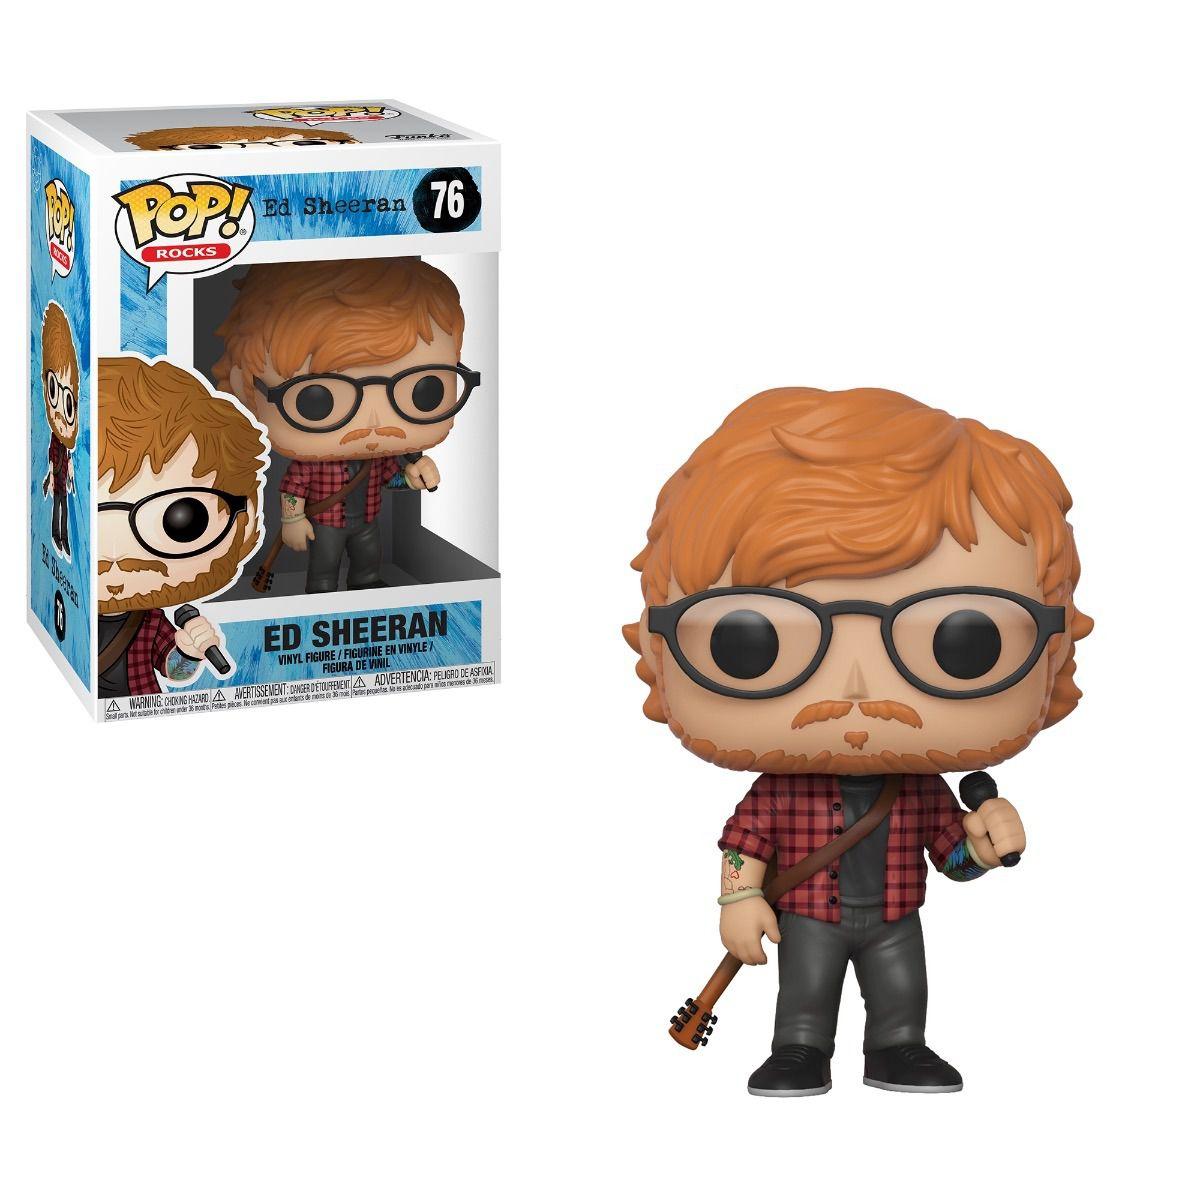 Funko Pop Ed Sheeran Boneco Colecionável Linha Rocks